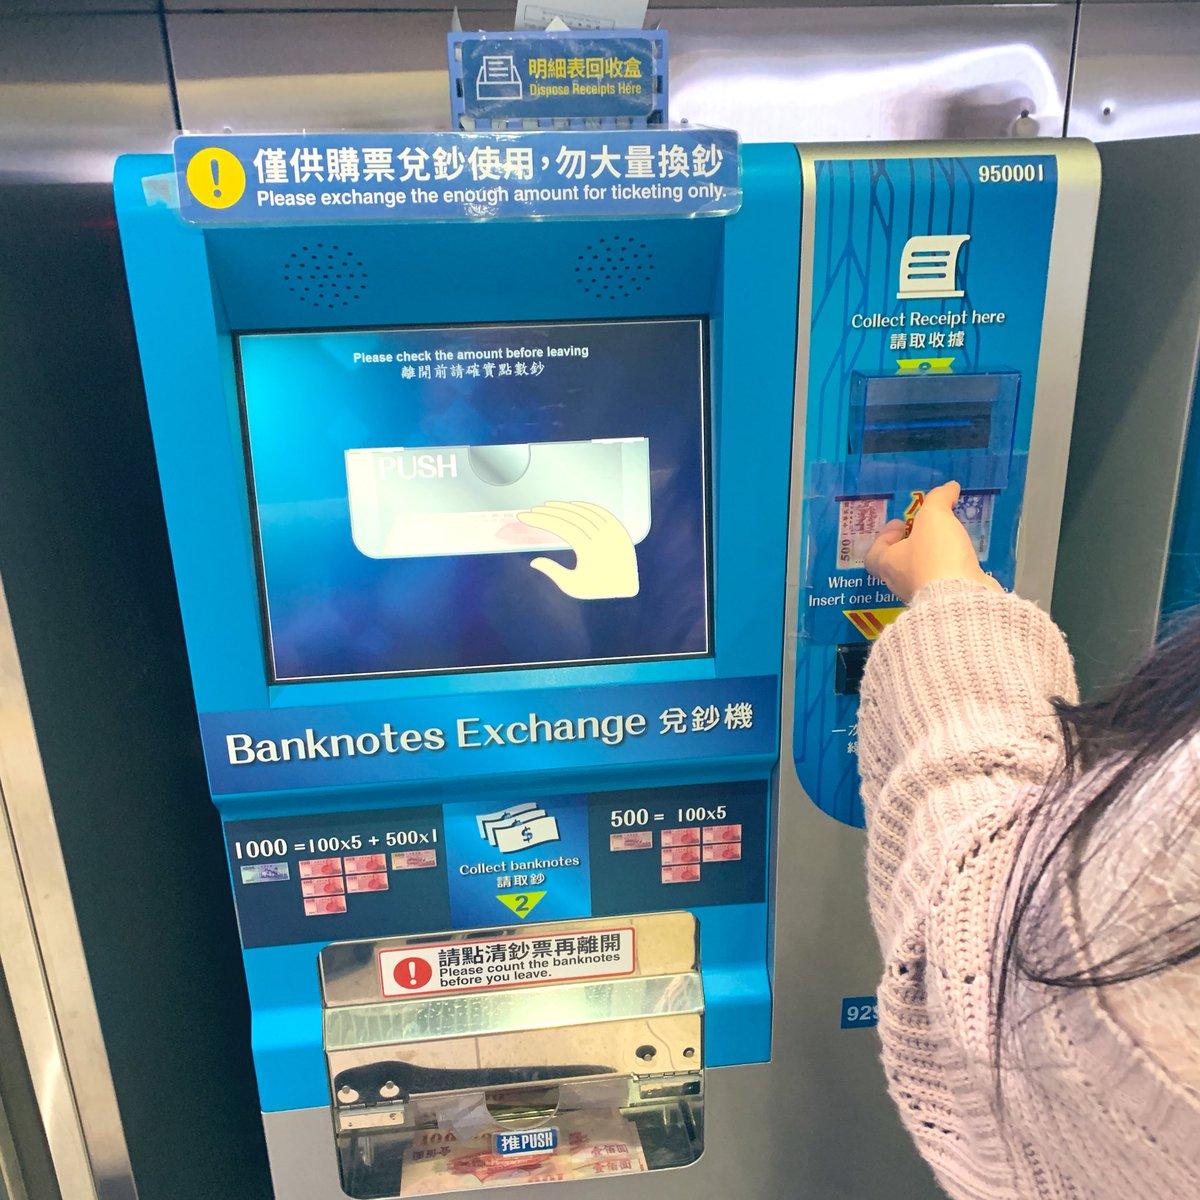 ATMでキャッシングしてMRTの改札前で両替!1000元入れると自動で500×1,100×5出てくる!